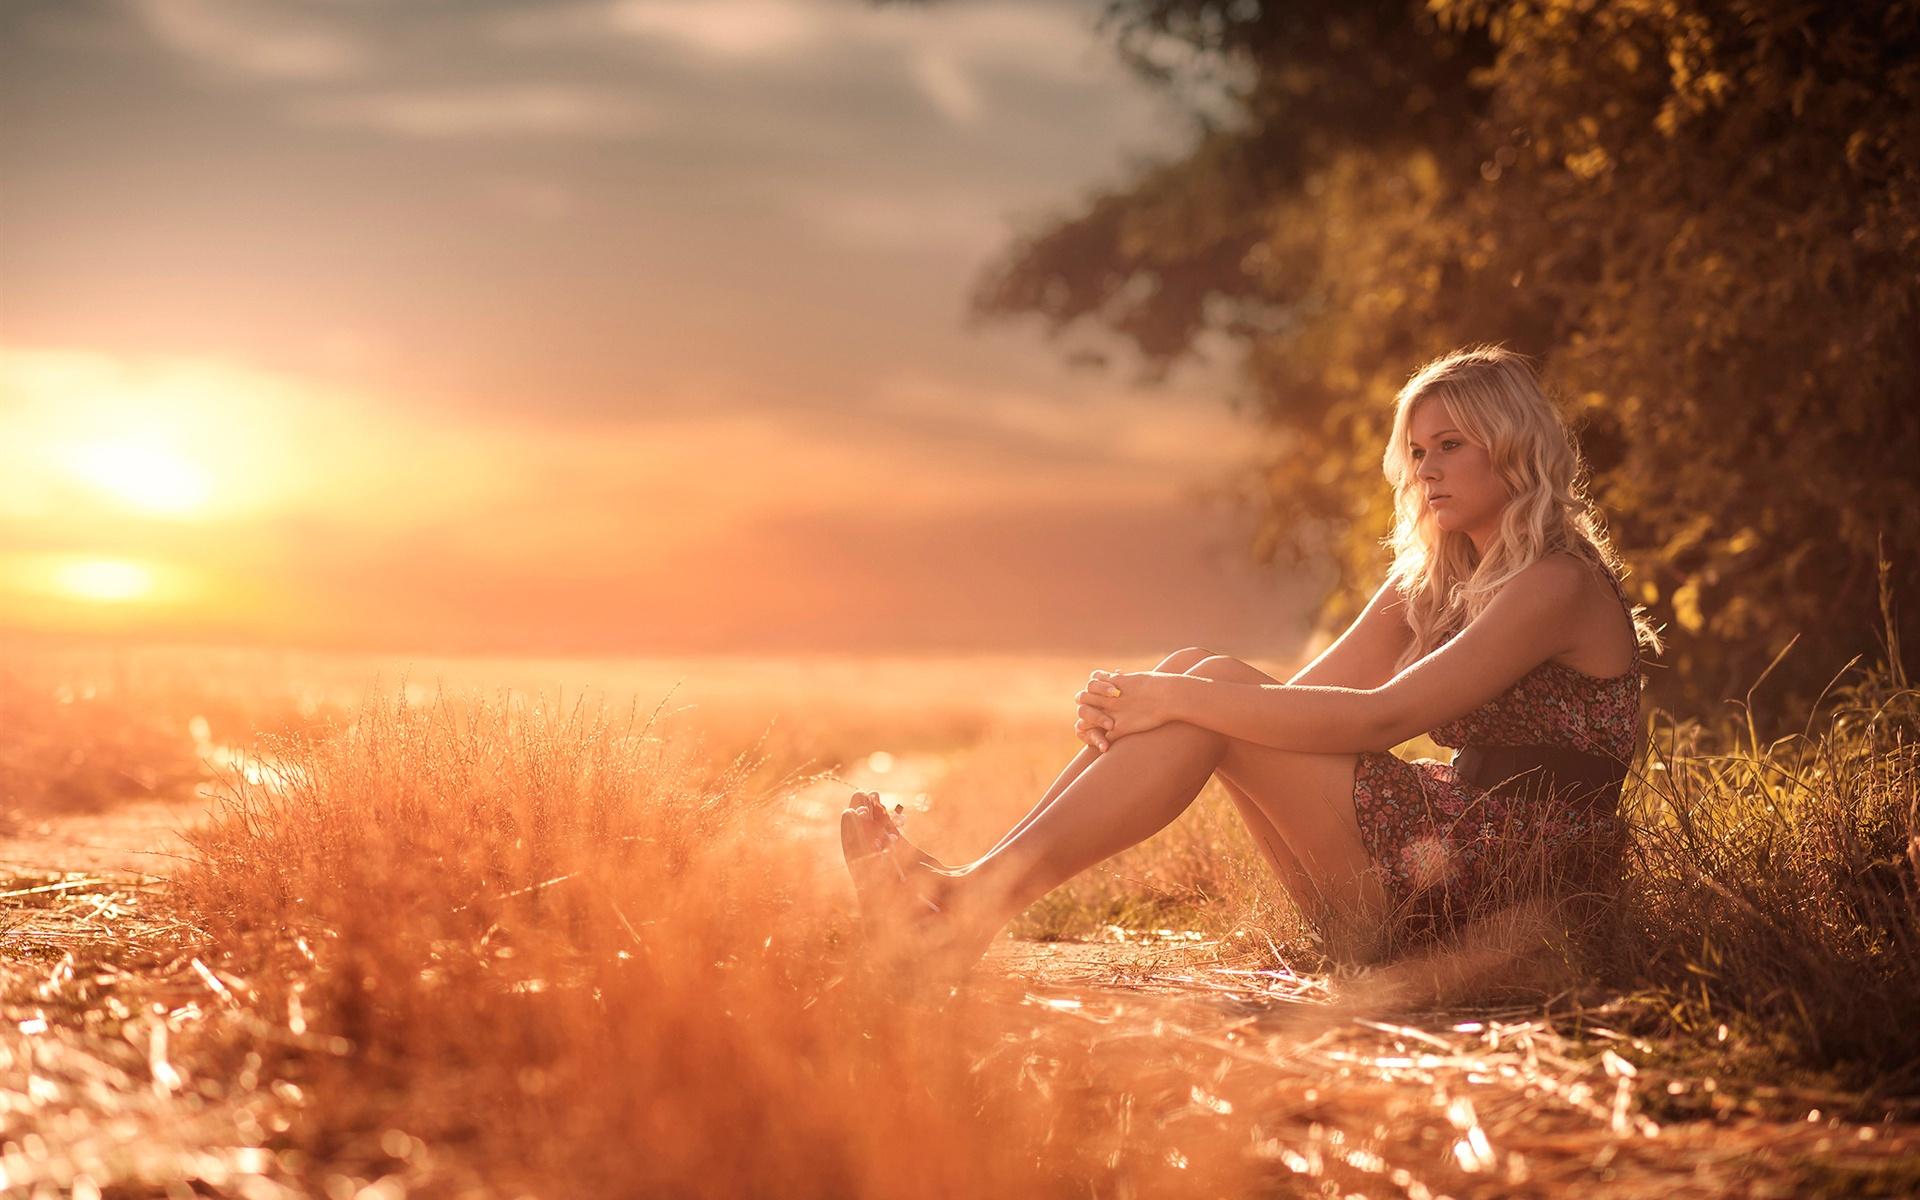 wallpaper summer, girl, legs, grass, heat, sunshine 1920x1200 hd